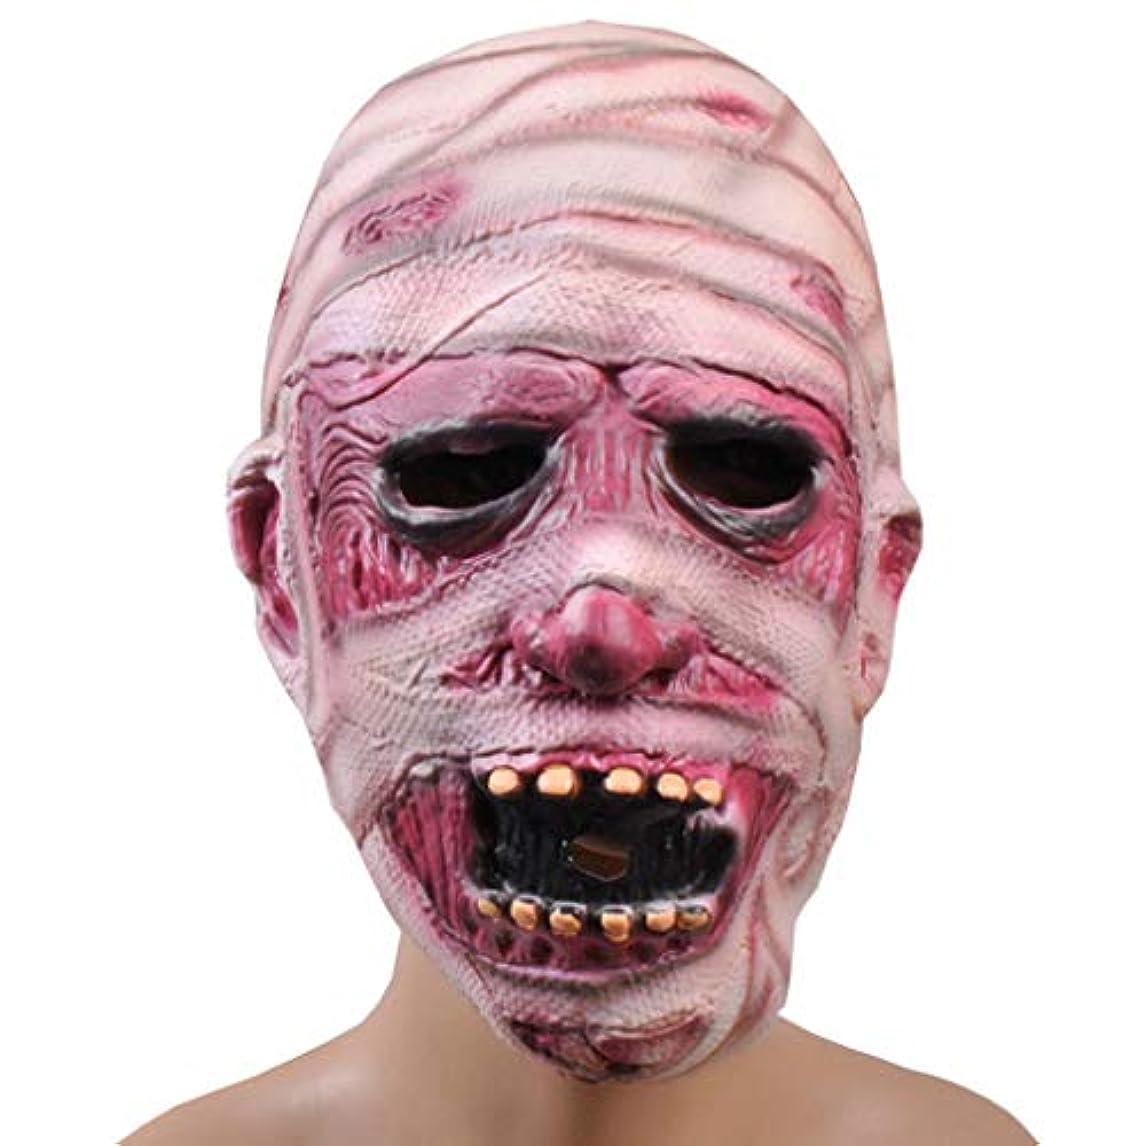 フェザー過半数告白ハロウィンホラーしかめっ面マスクゴーストフェスティバルラテックスマスクホラー怖いマスクゴーストゾンビミイラマスク (Color : A)